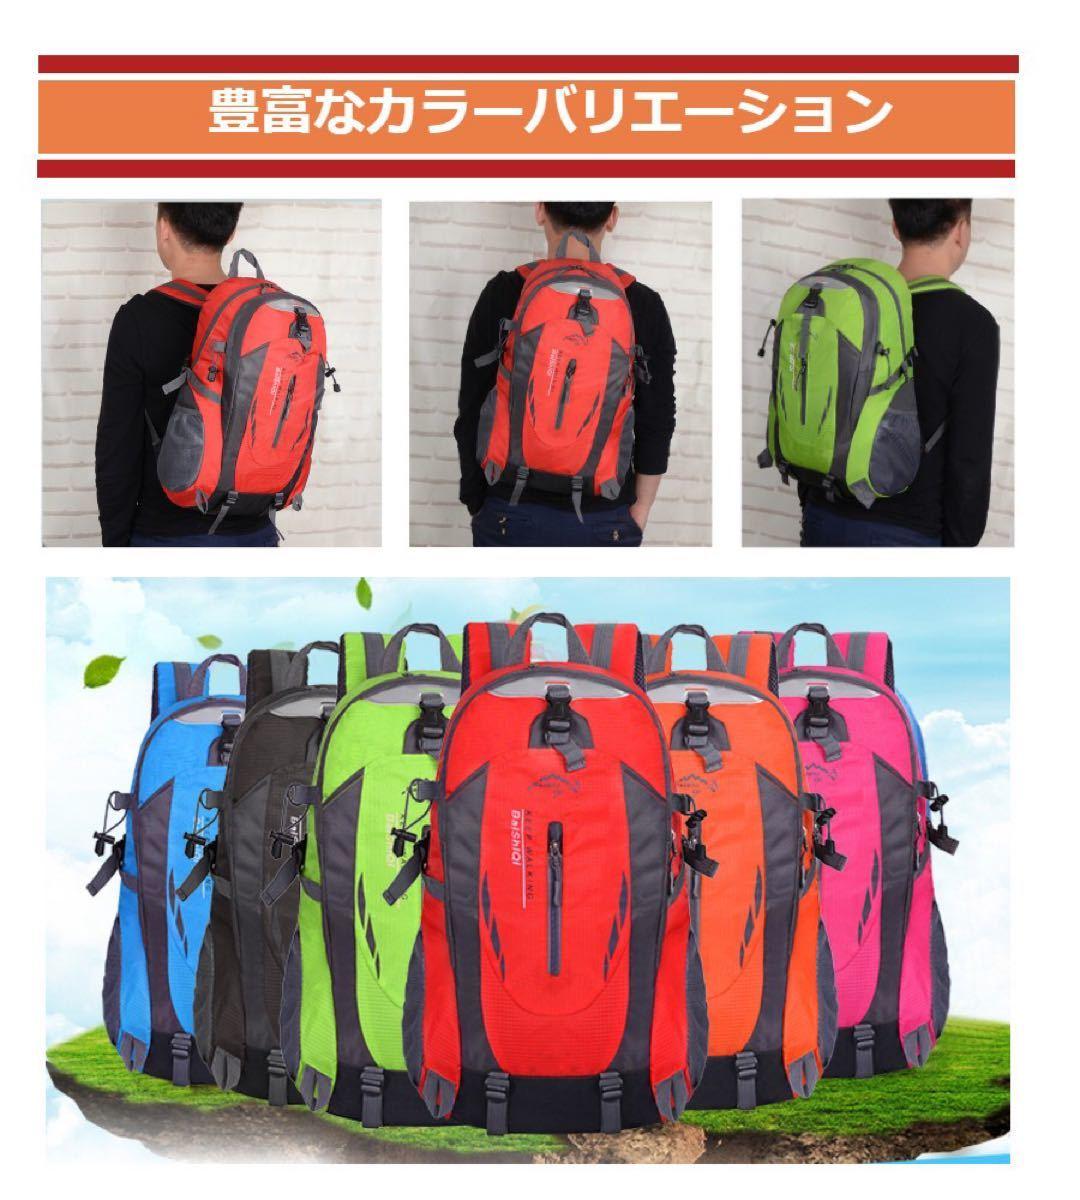 登山リュック 大容量 収納抜群 リュック バックパック 多機能 男女兼用ピンク色